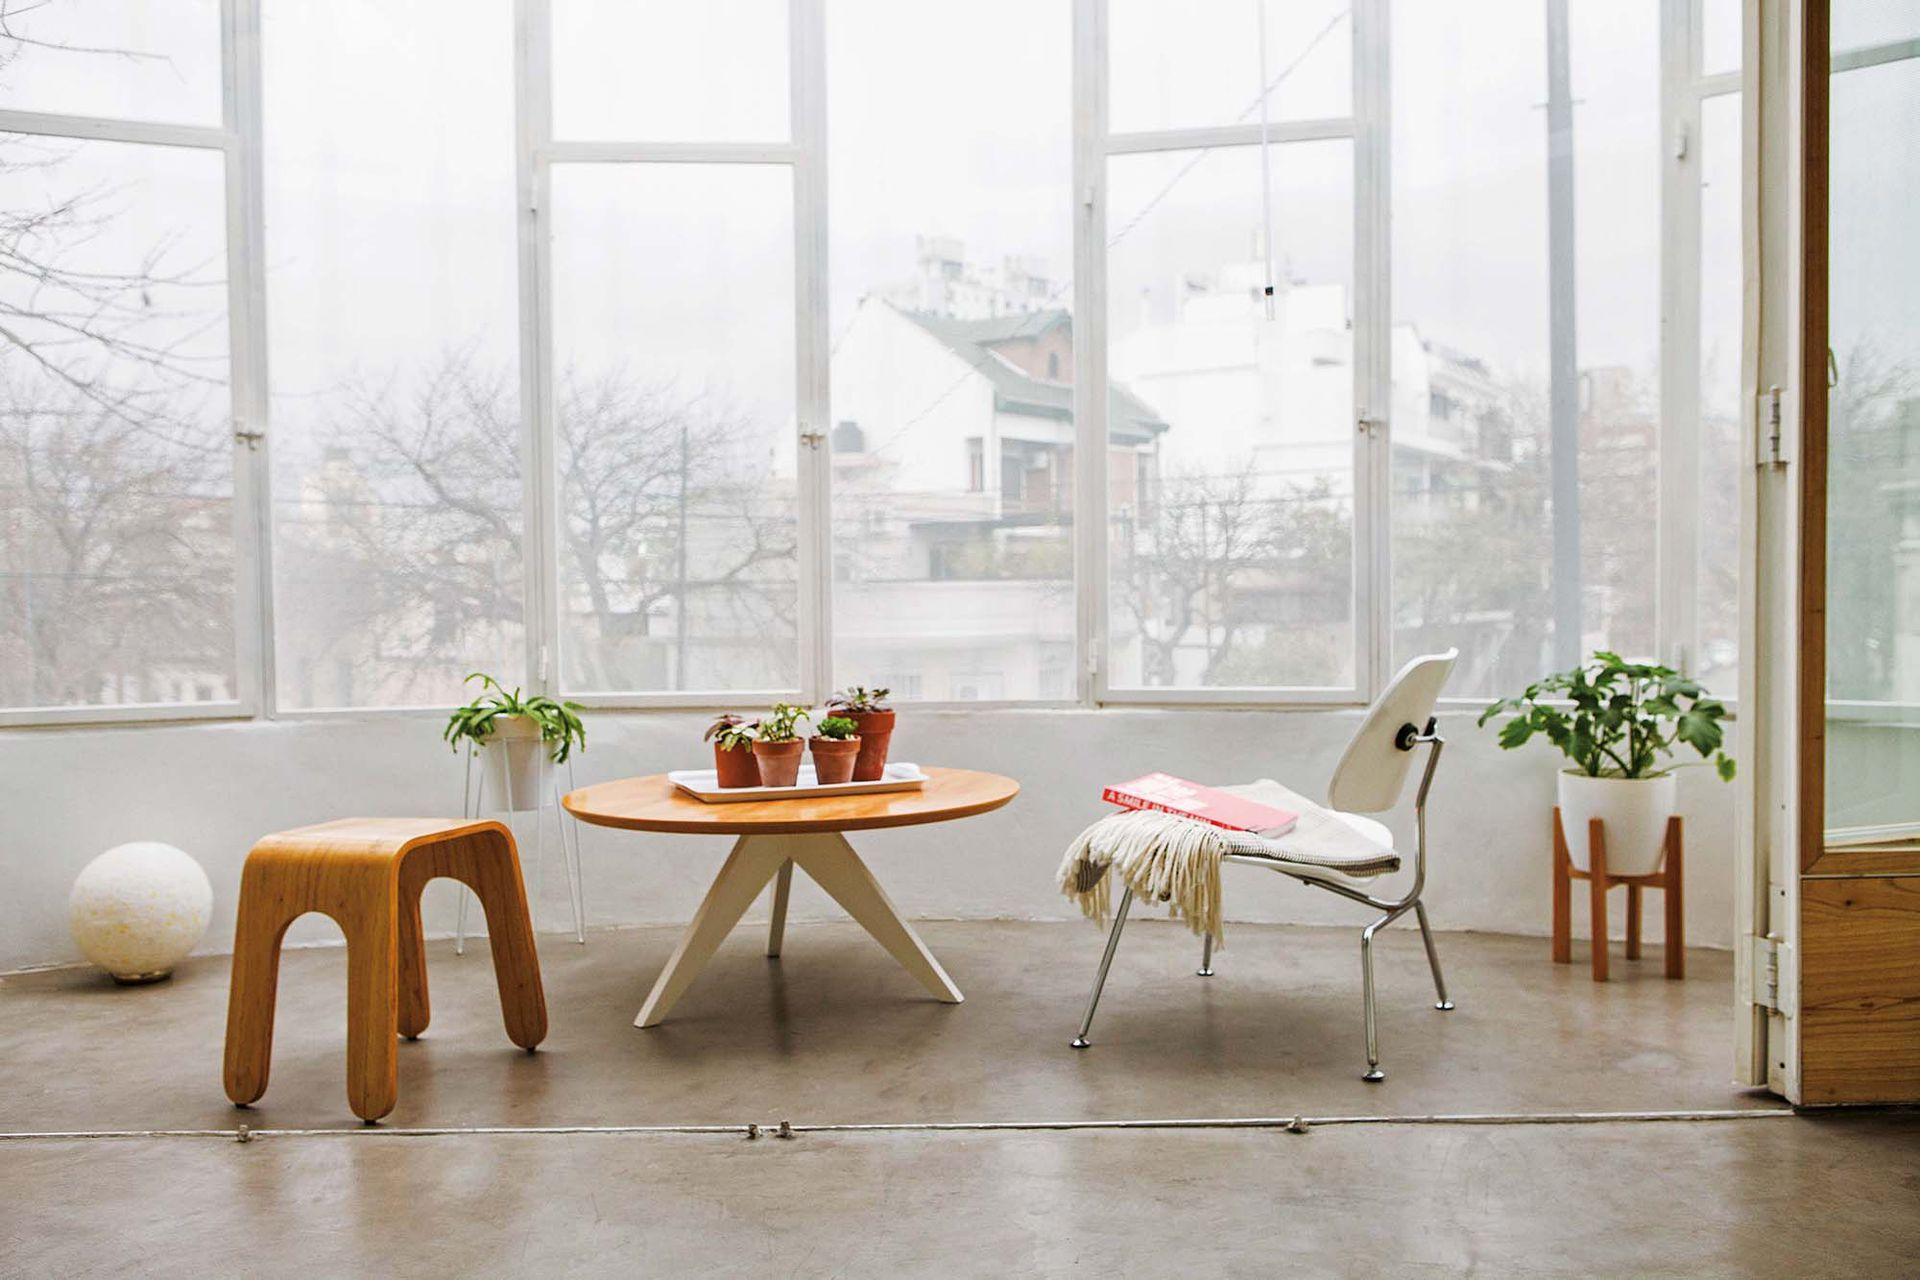 Mesa 'Ostende', silla blanca Eames y banco 'Esteban' (todo de Unimate). Manta con flecos de Elementos Argentinos.